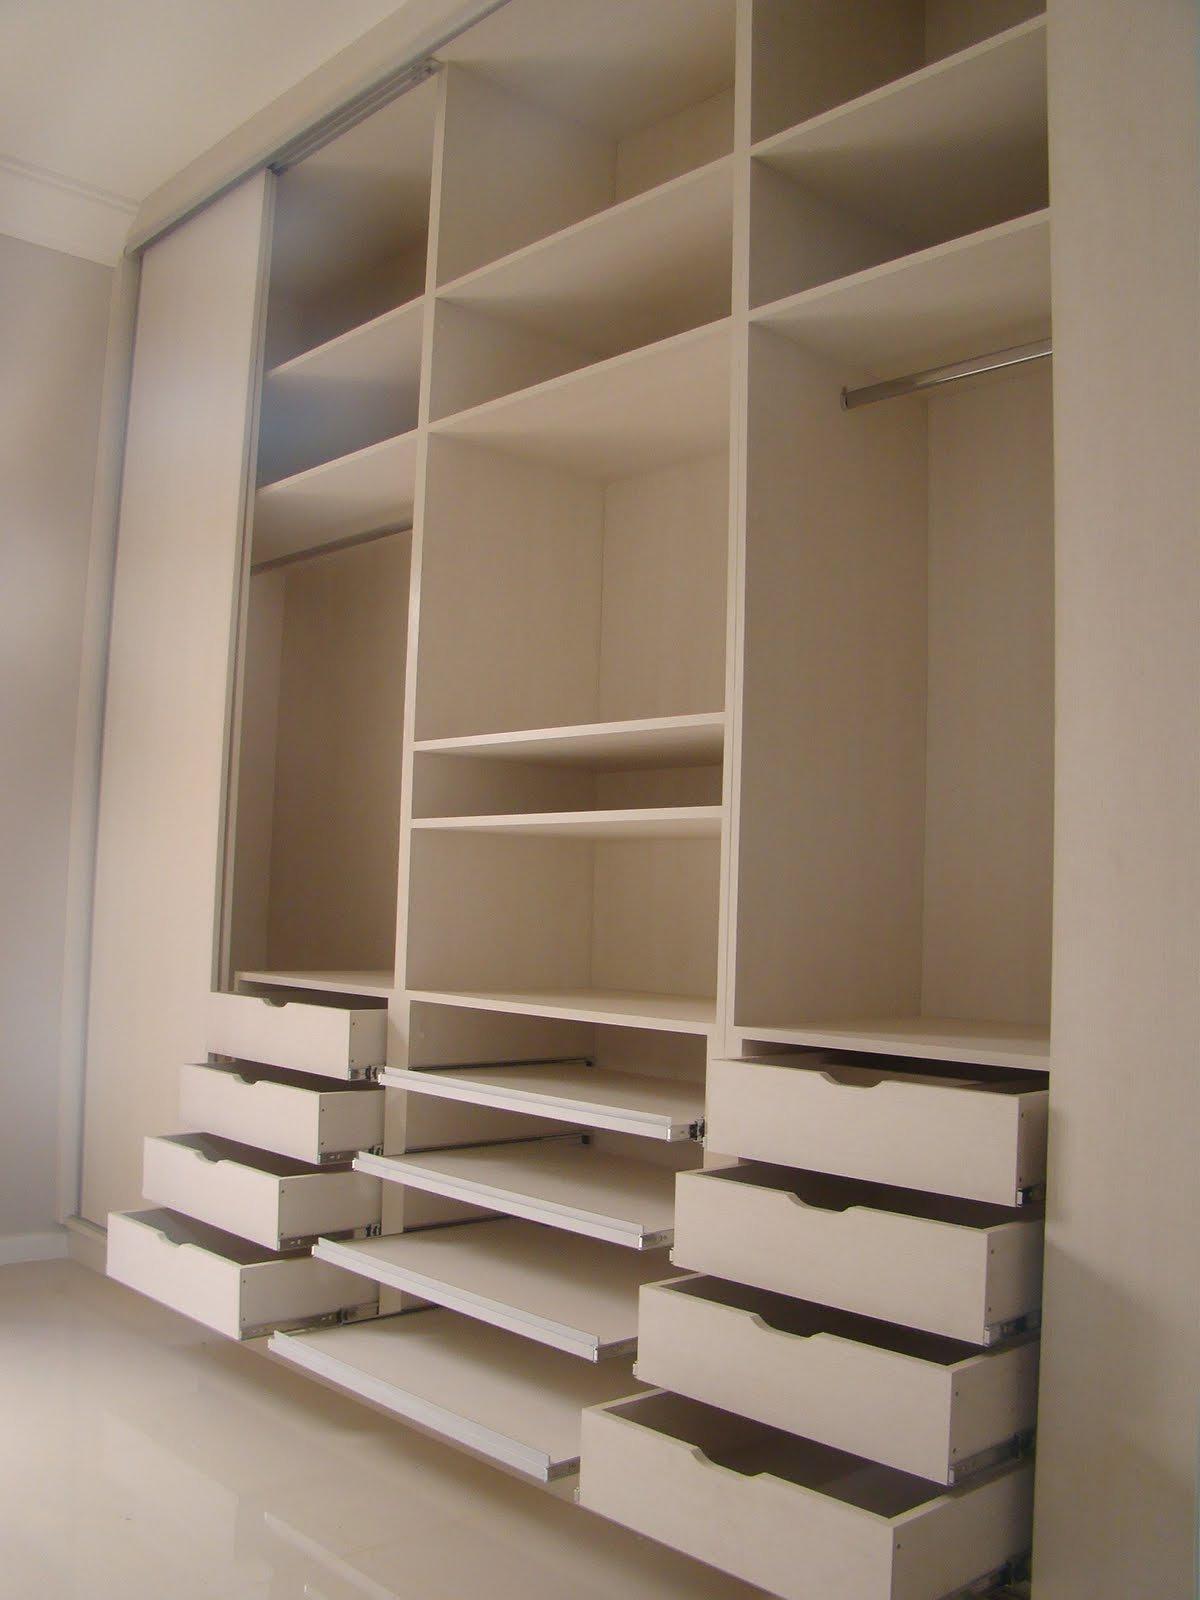 Loja De M Veis Planejados Sp M Veis Planejados Para Apartamento Mdf ~ Quarto Casal Planejado Para Apartamento Pequeno